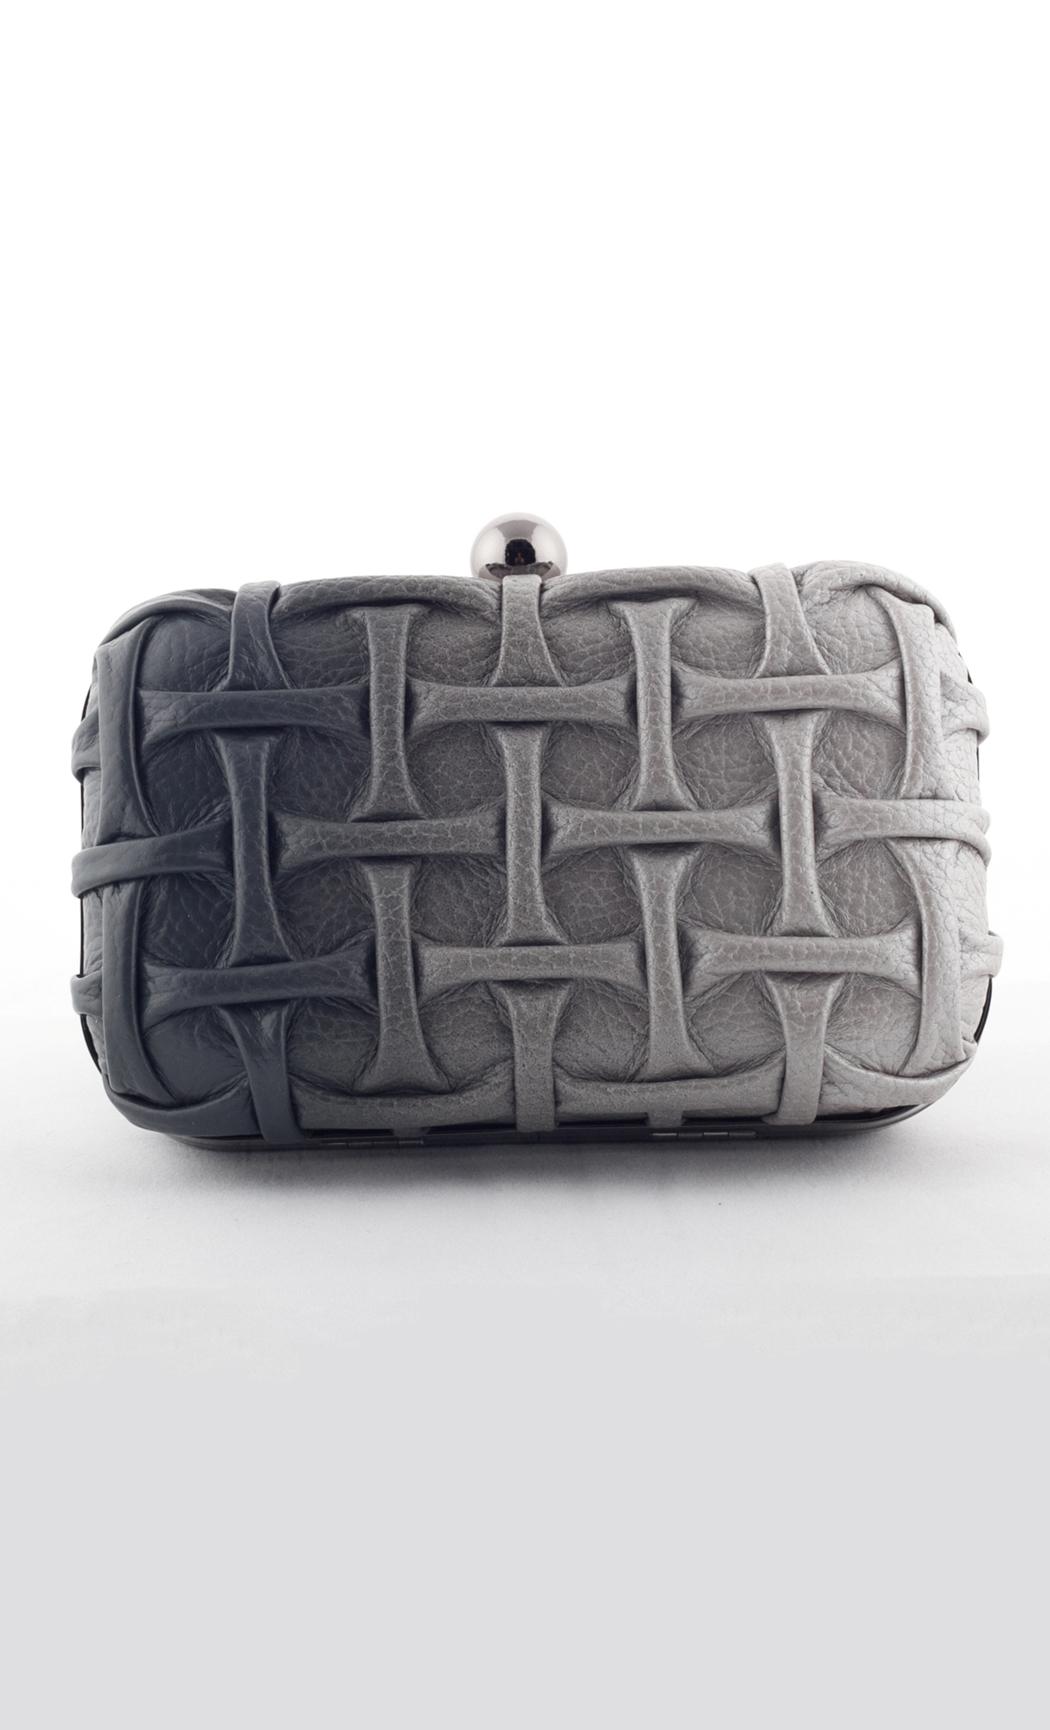 Blend T-Weave Box Clutch in Gray-Silver. Buy Online